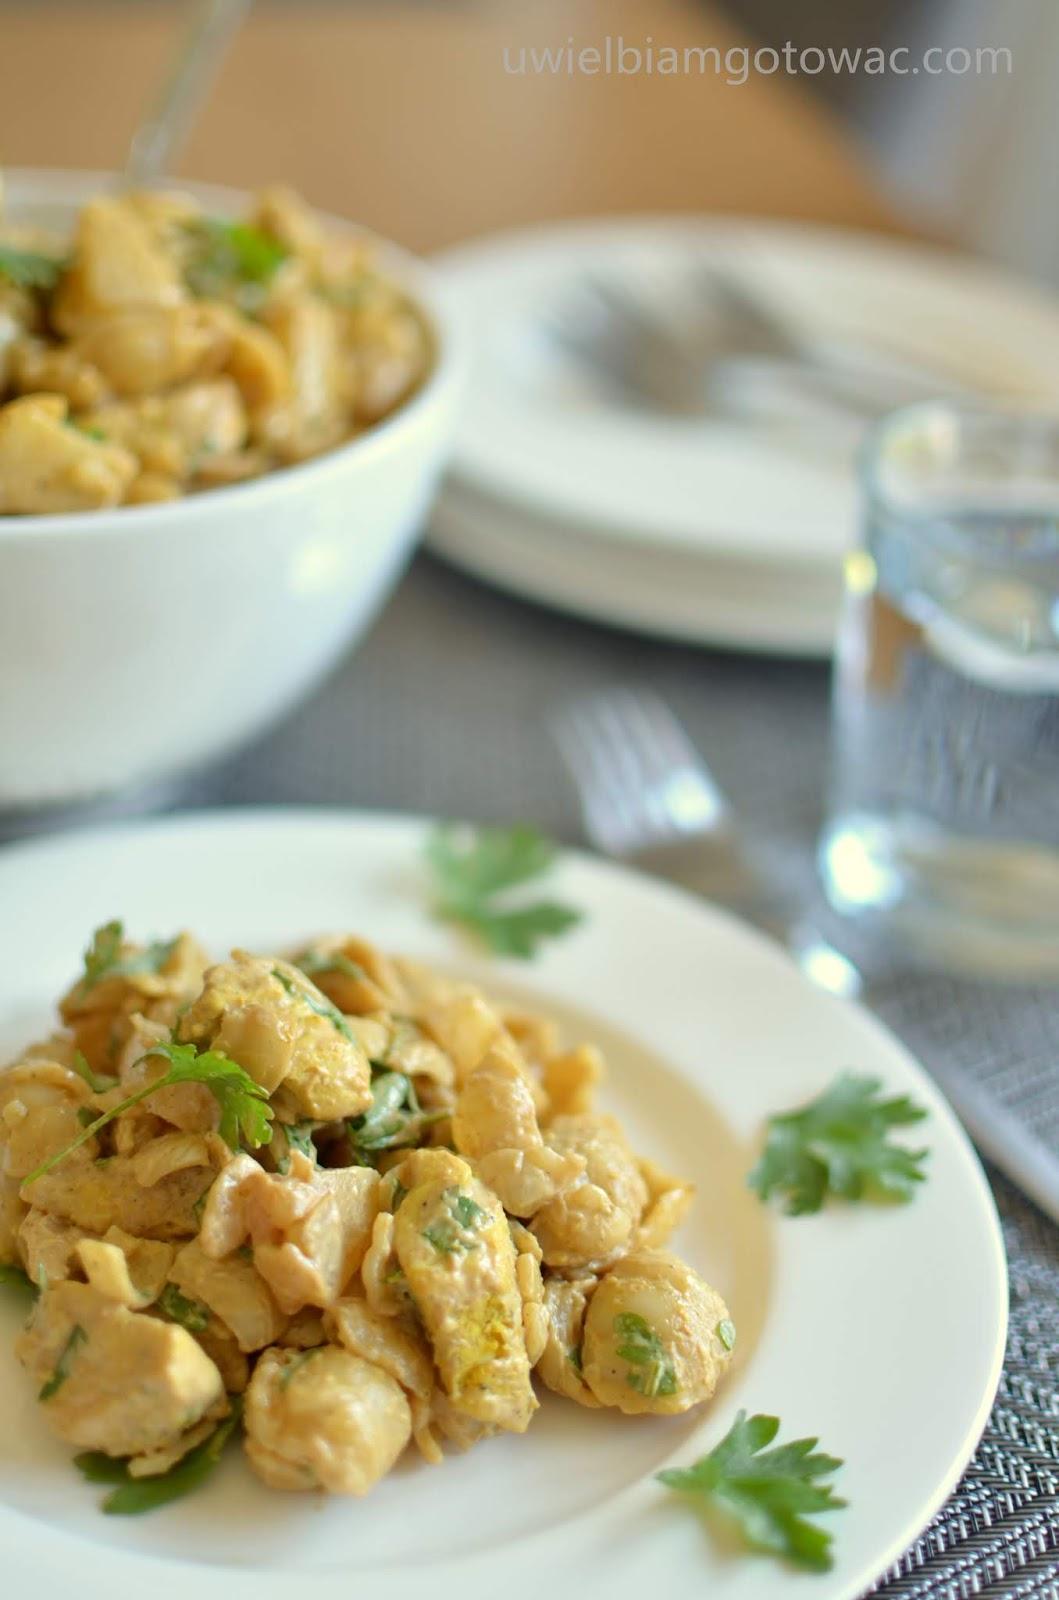 Uwielbiam Gotowac Indyjska Salatka Z Kurczakiem Makaronem I Ananasem